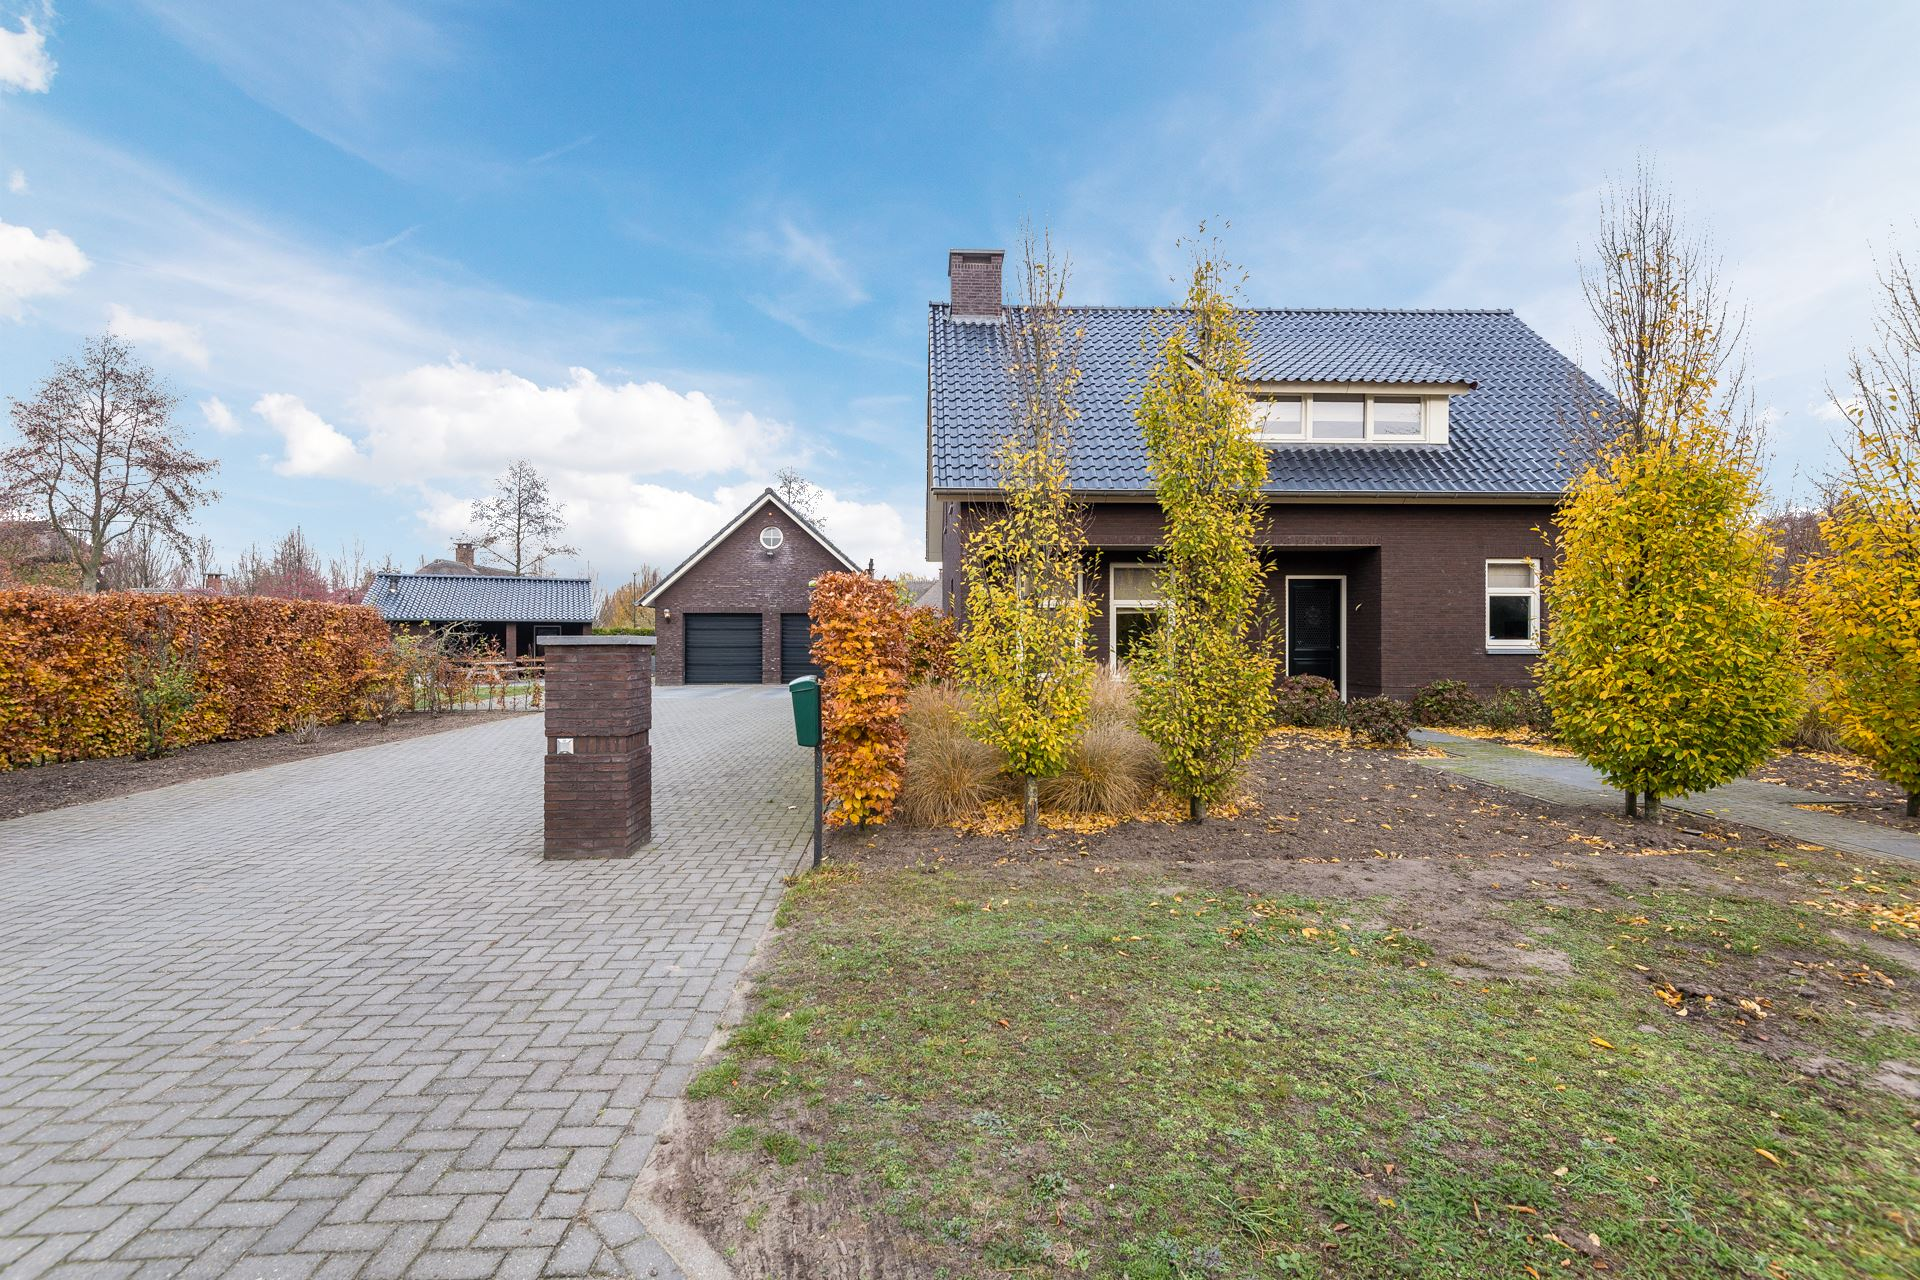 Huis te koop kleine graspeel 2 5411 ra zeeland funda for Huizen te koop zeeland